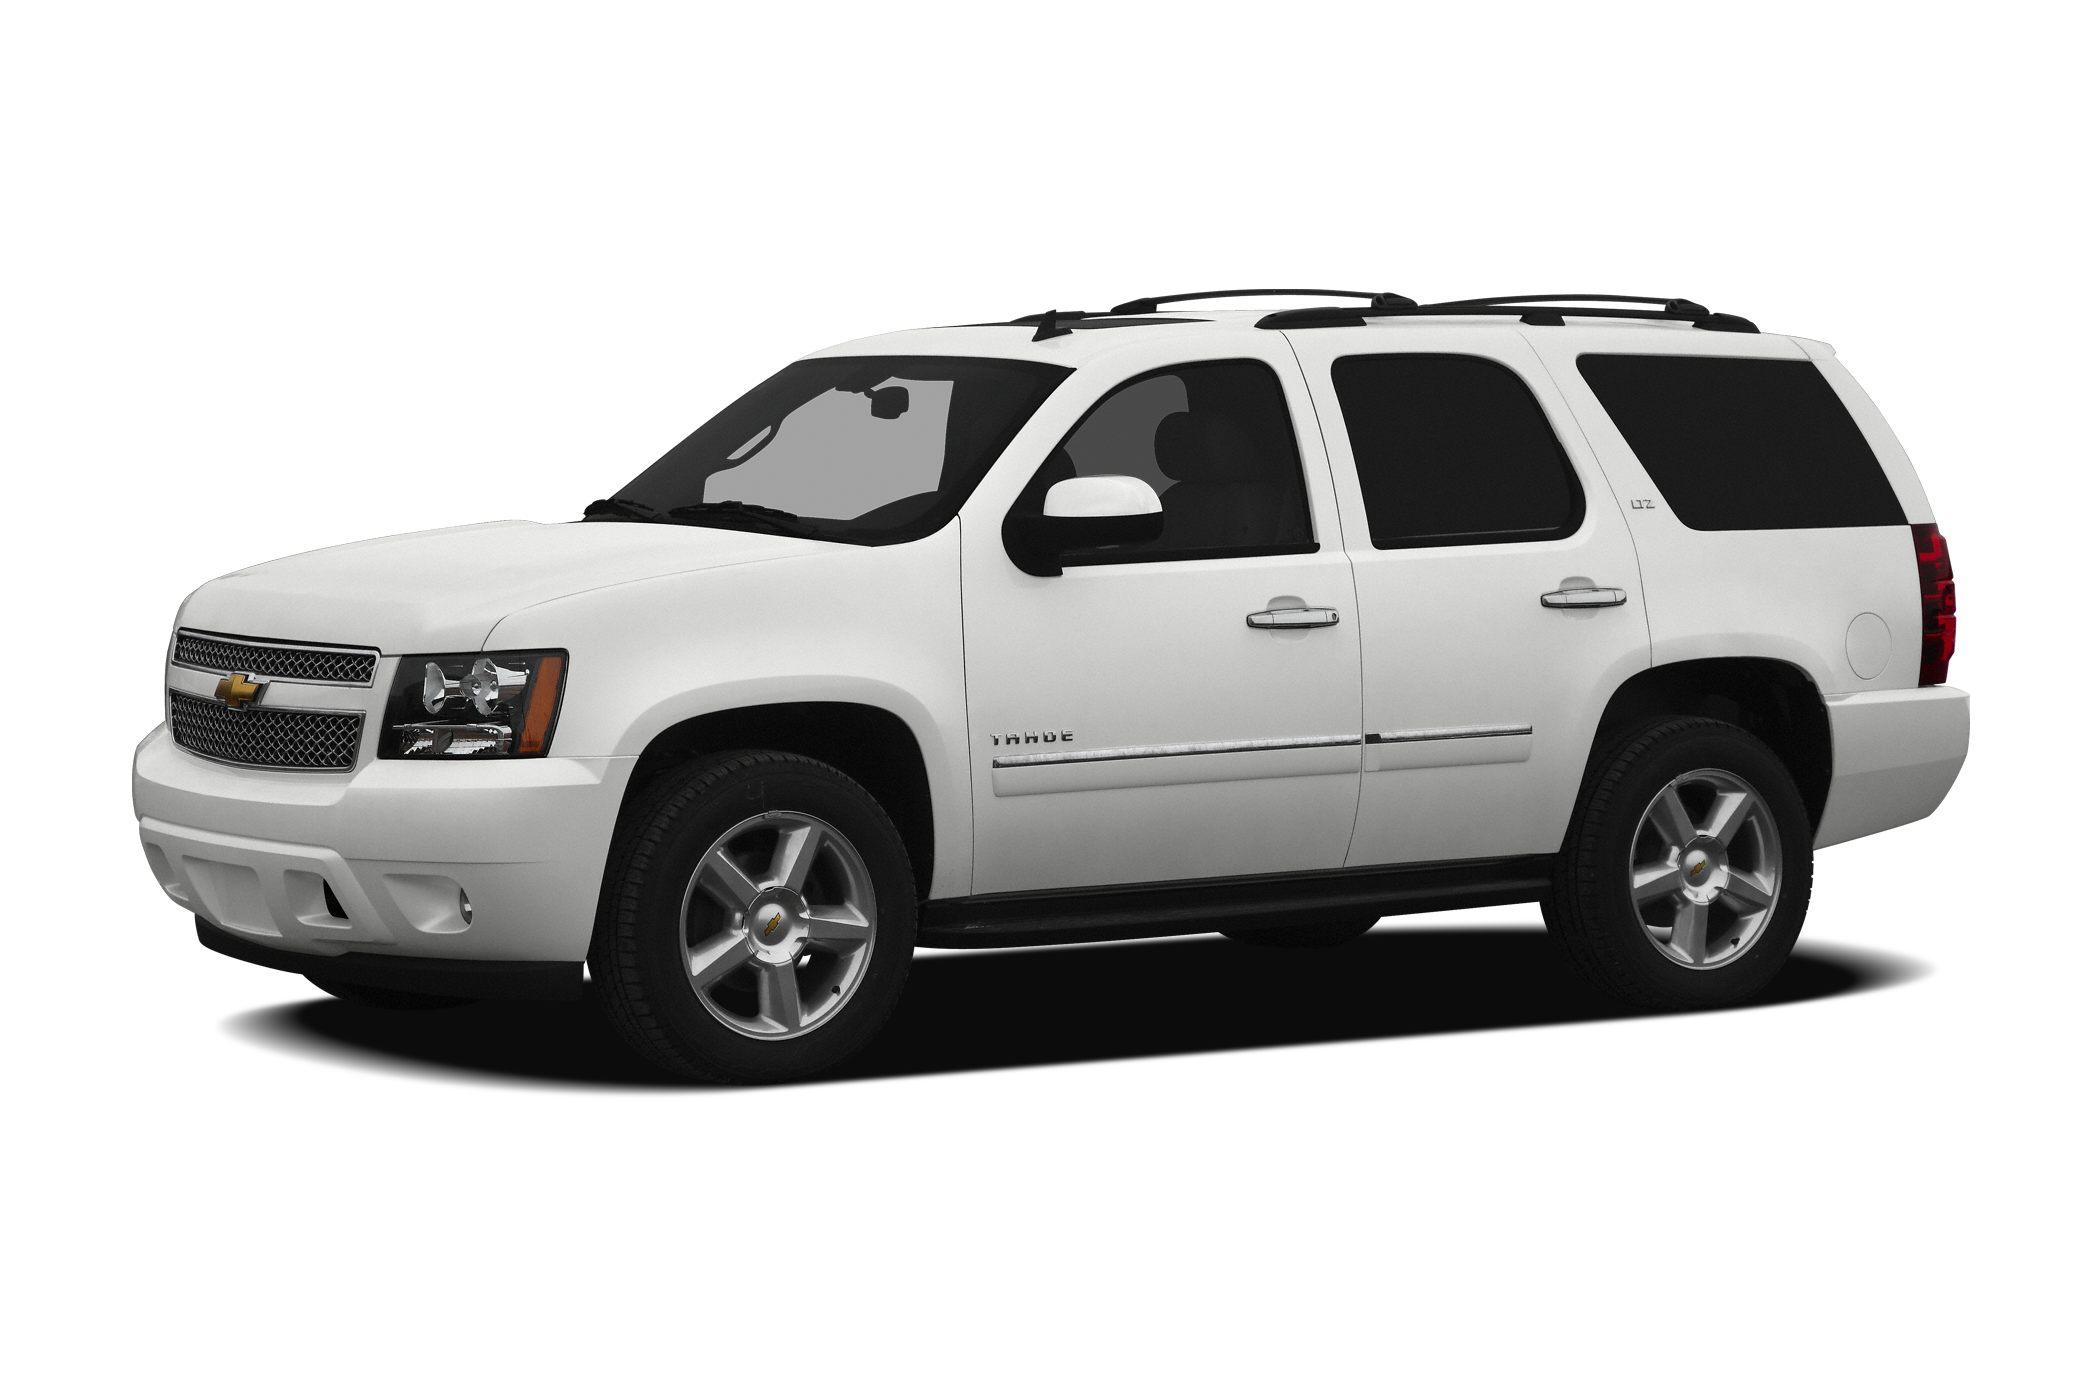 2012 Chevrolet Tahoe LT Miles 65229Color White Stock P887 VIN 1GNSKBE05CR299449